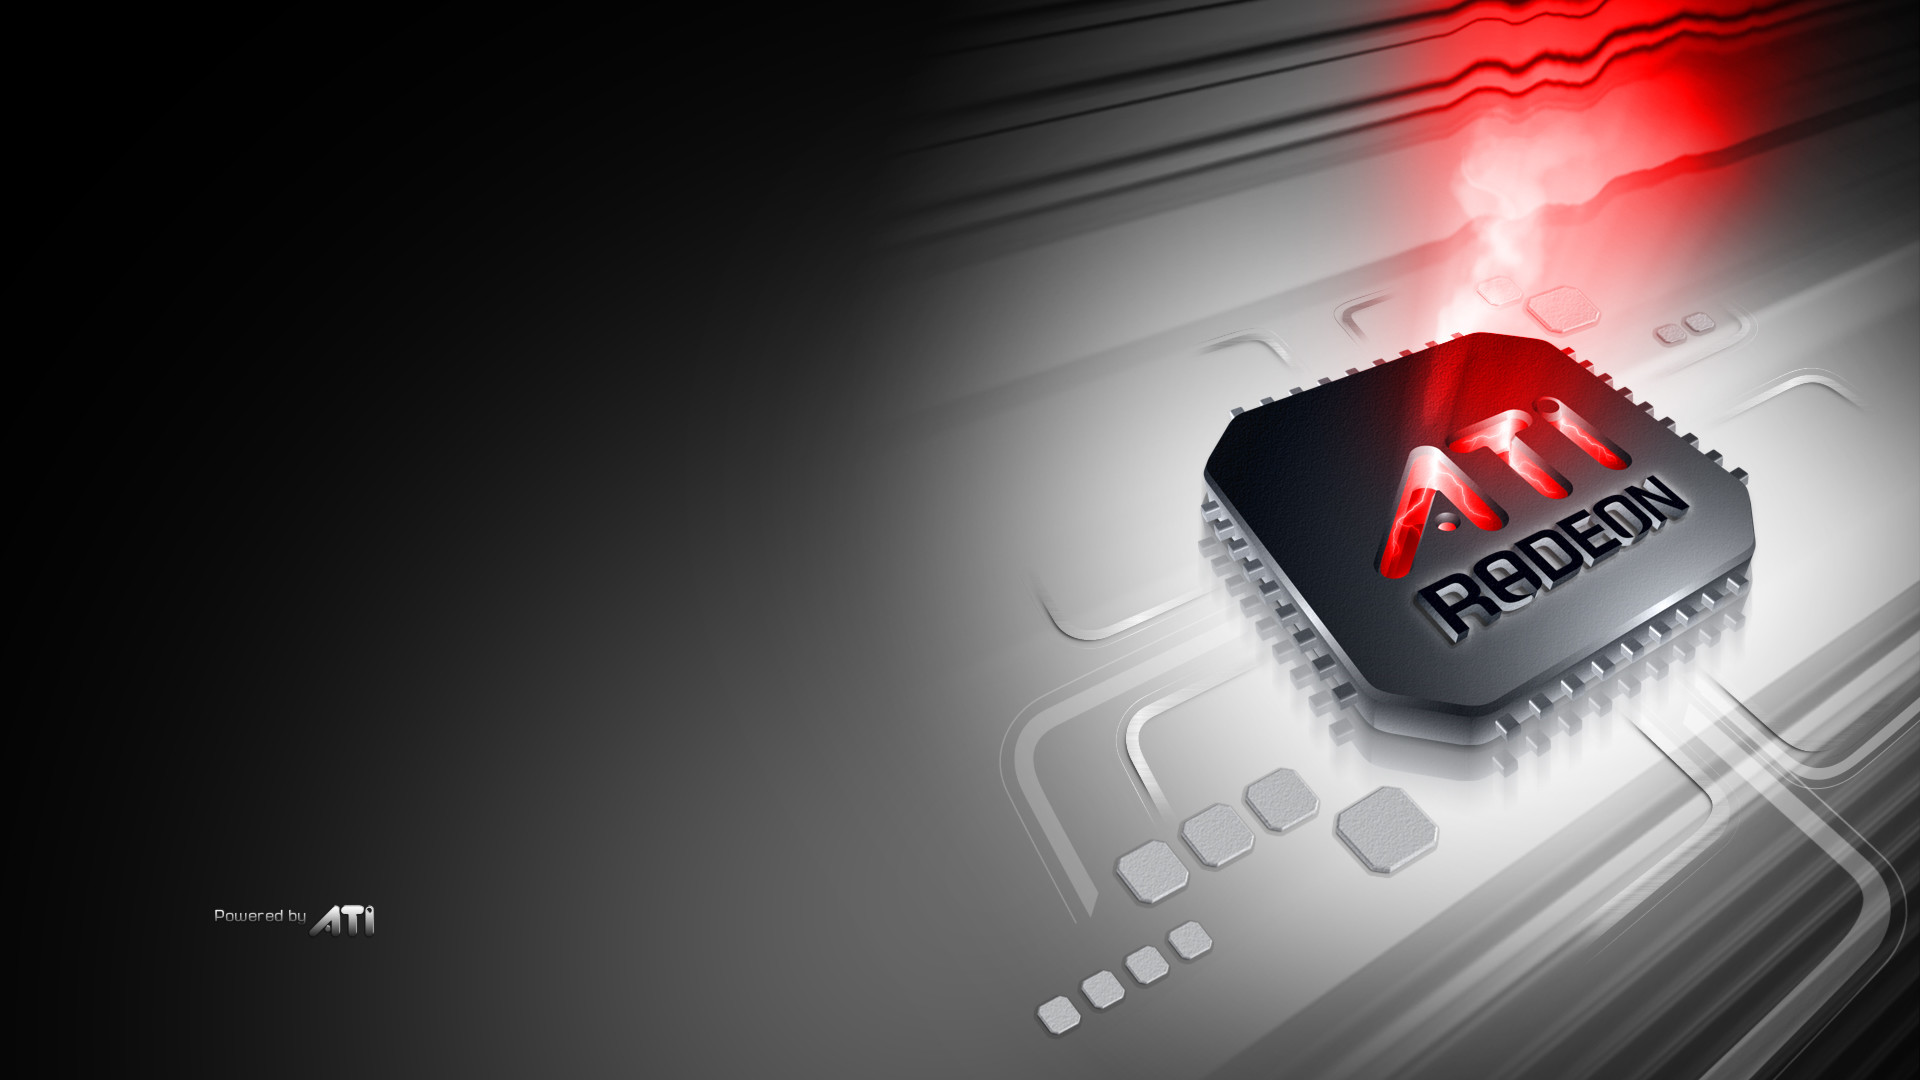 ATI Radeon Wallpaper ATI, Radeon